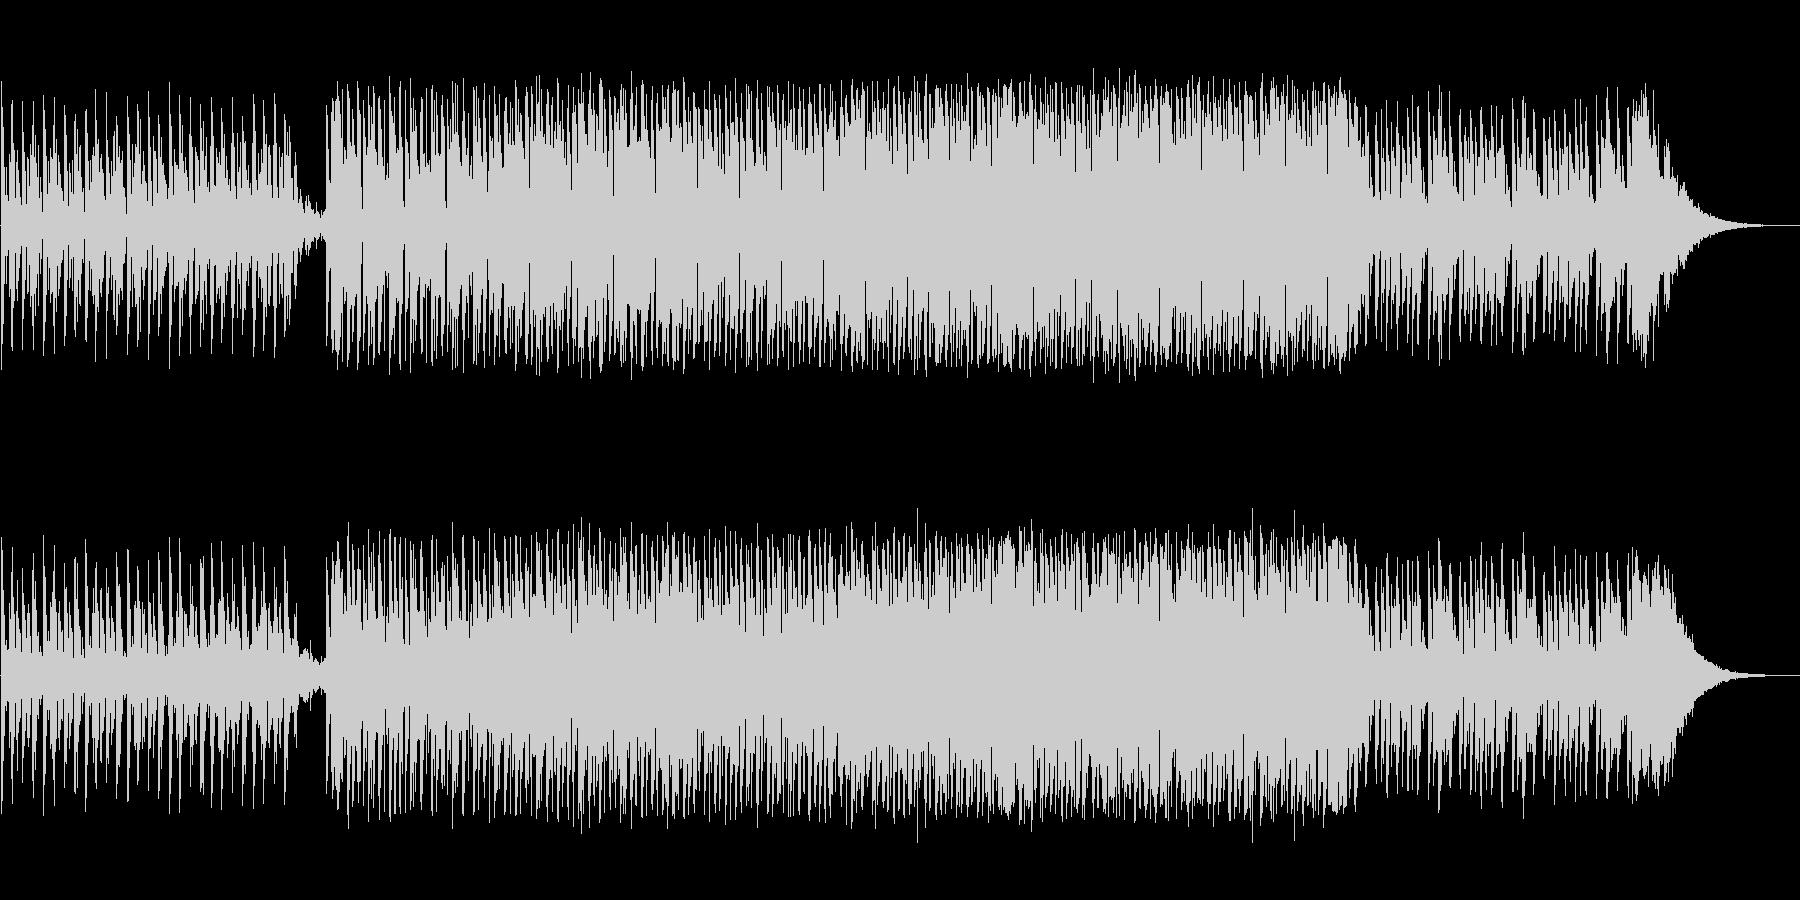 アップテンポなシンセミュージックの未再生の波形